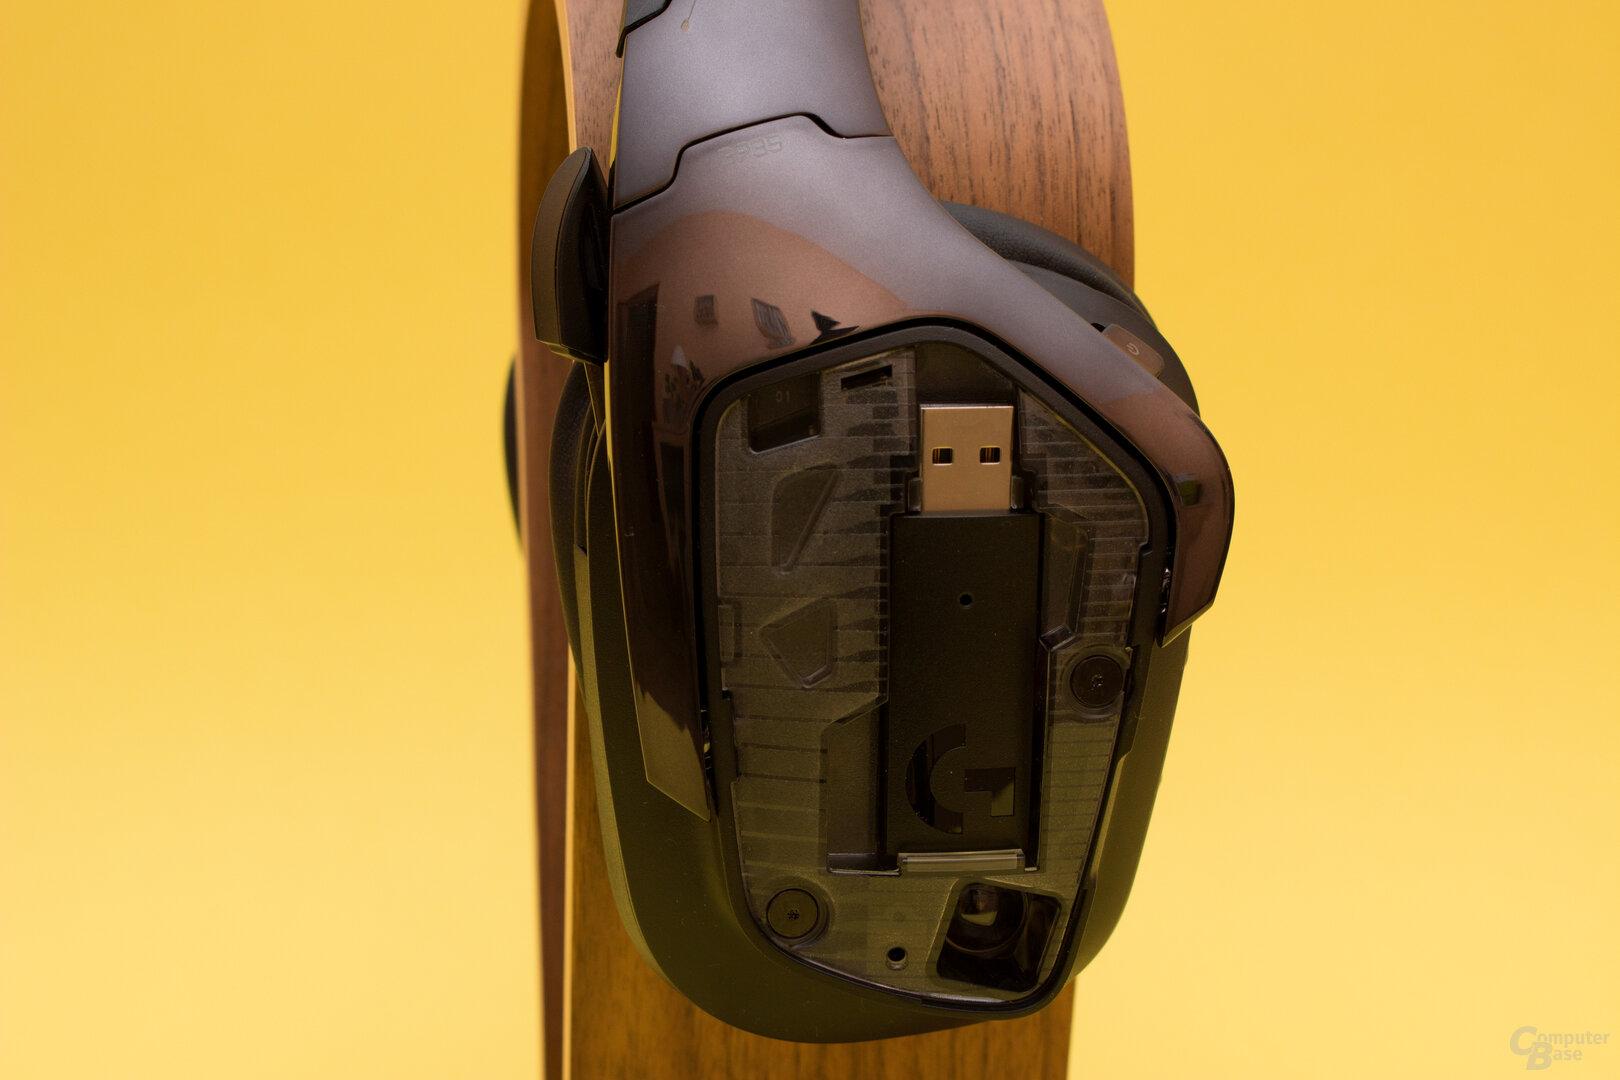 Der USB-Dongle lässt sich beim G935 bequem in der Ohrmuschel verstauen